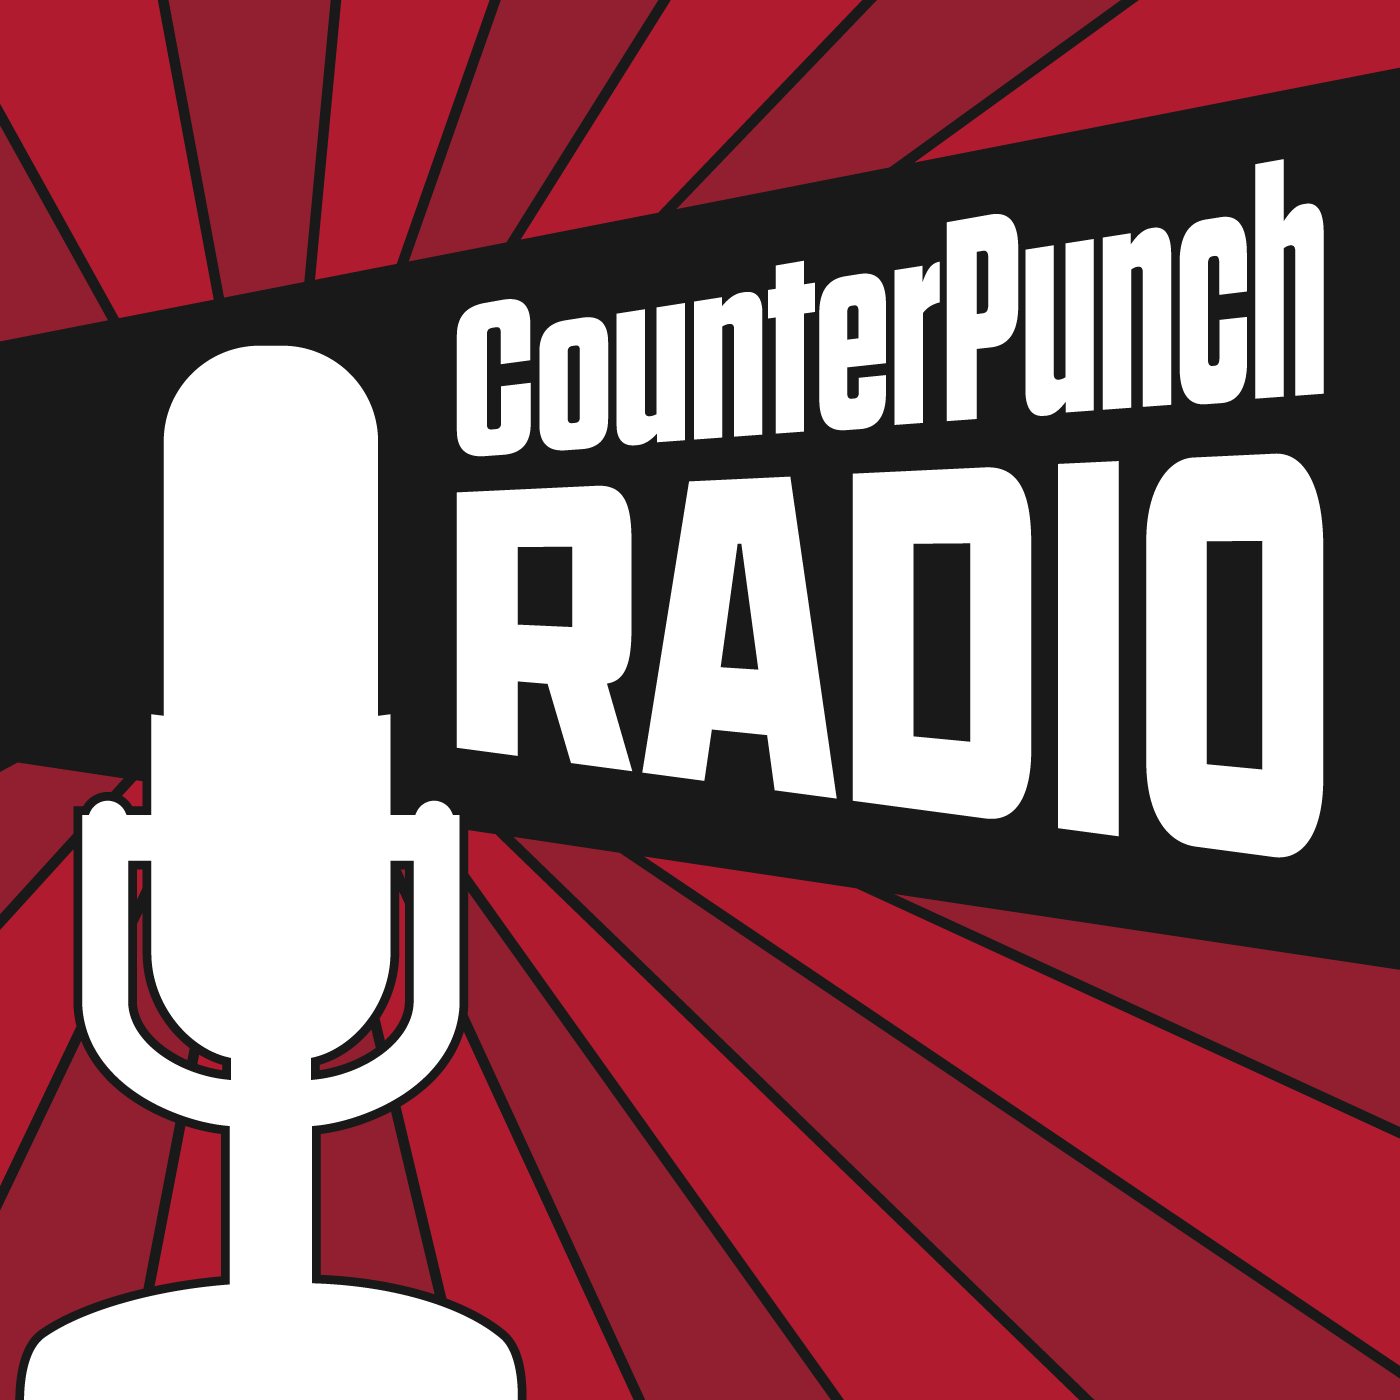 CounterPunch Radio